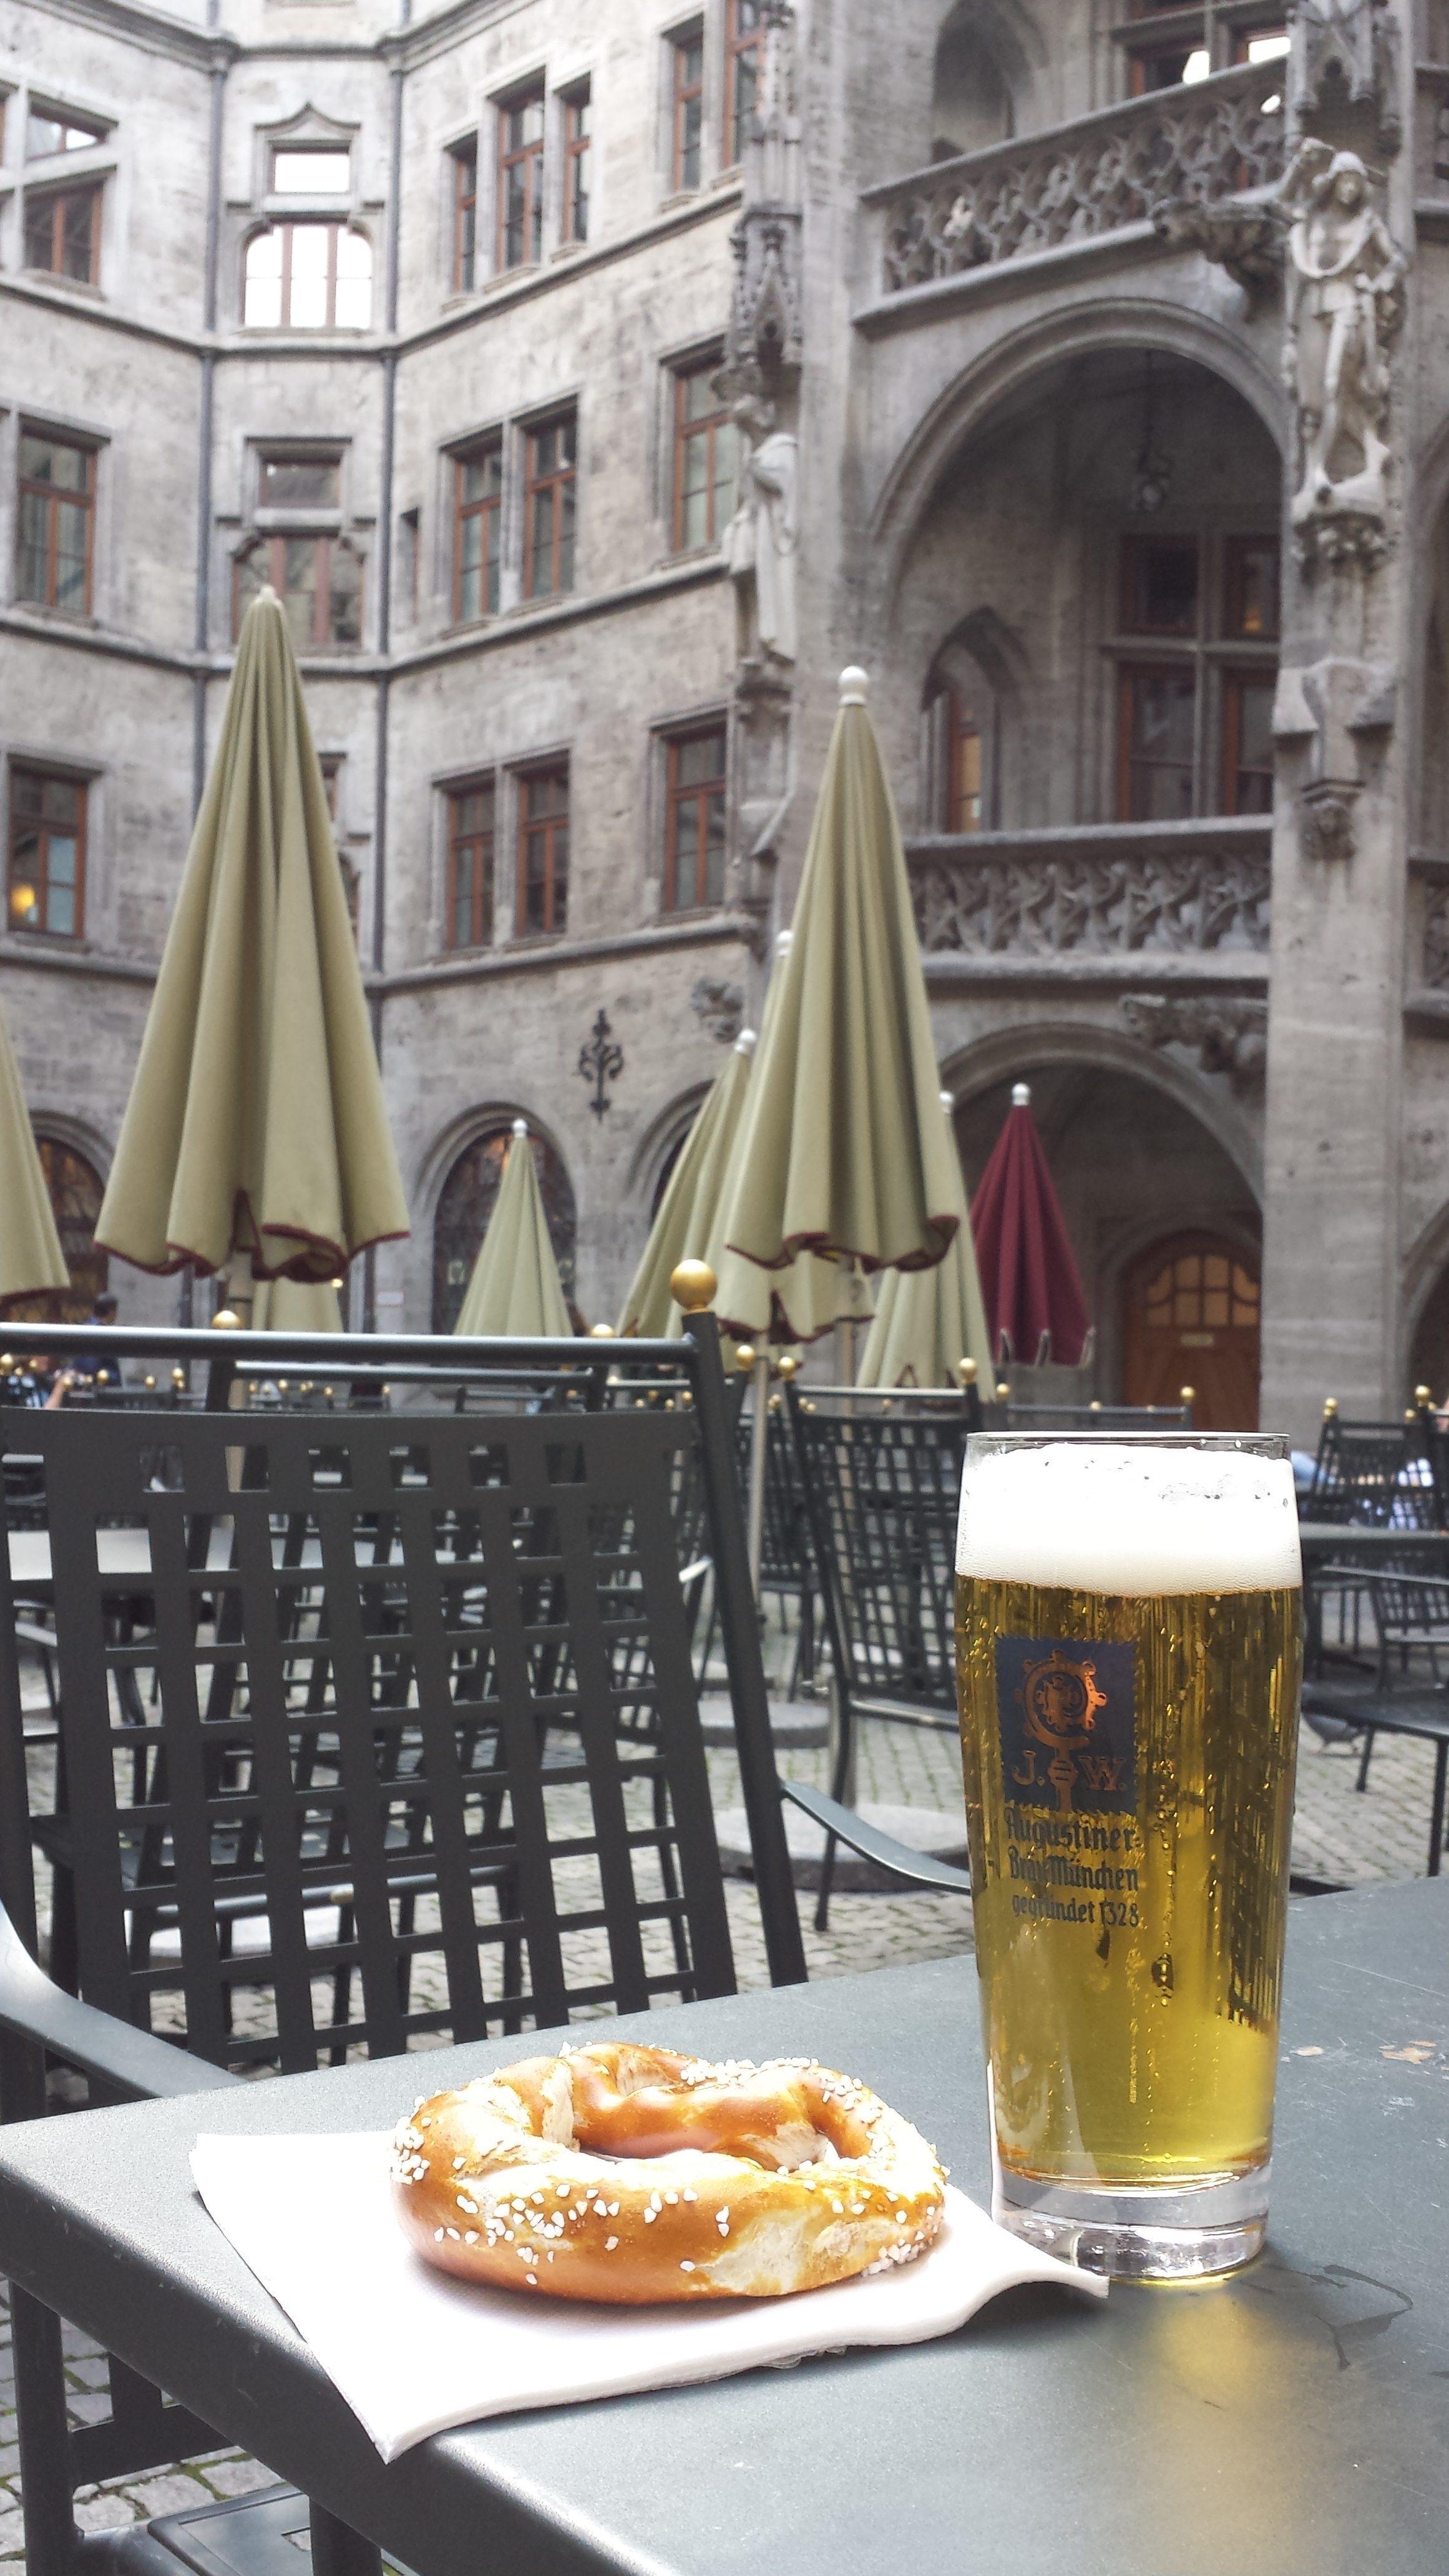 German Beer and Pretzels